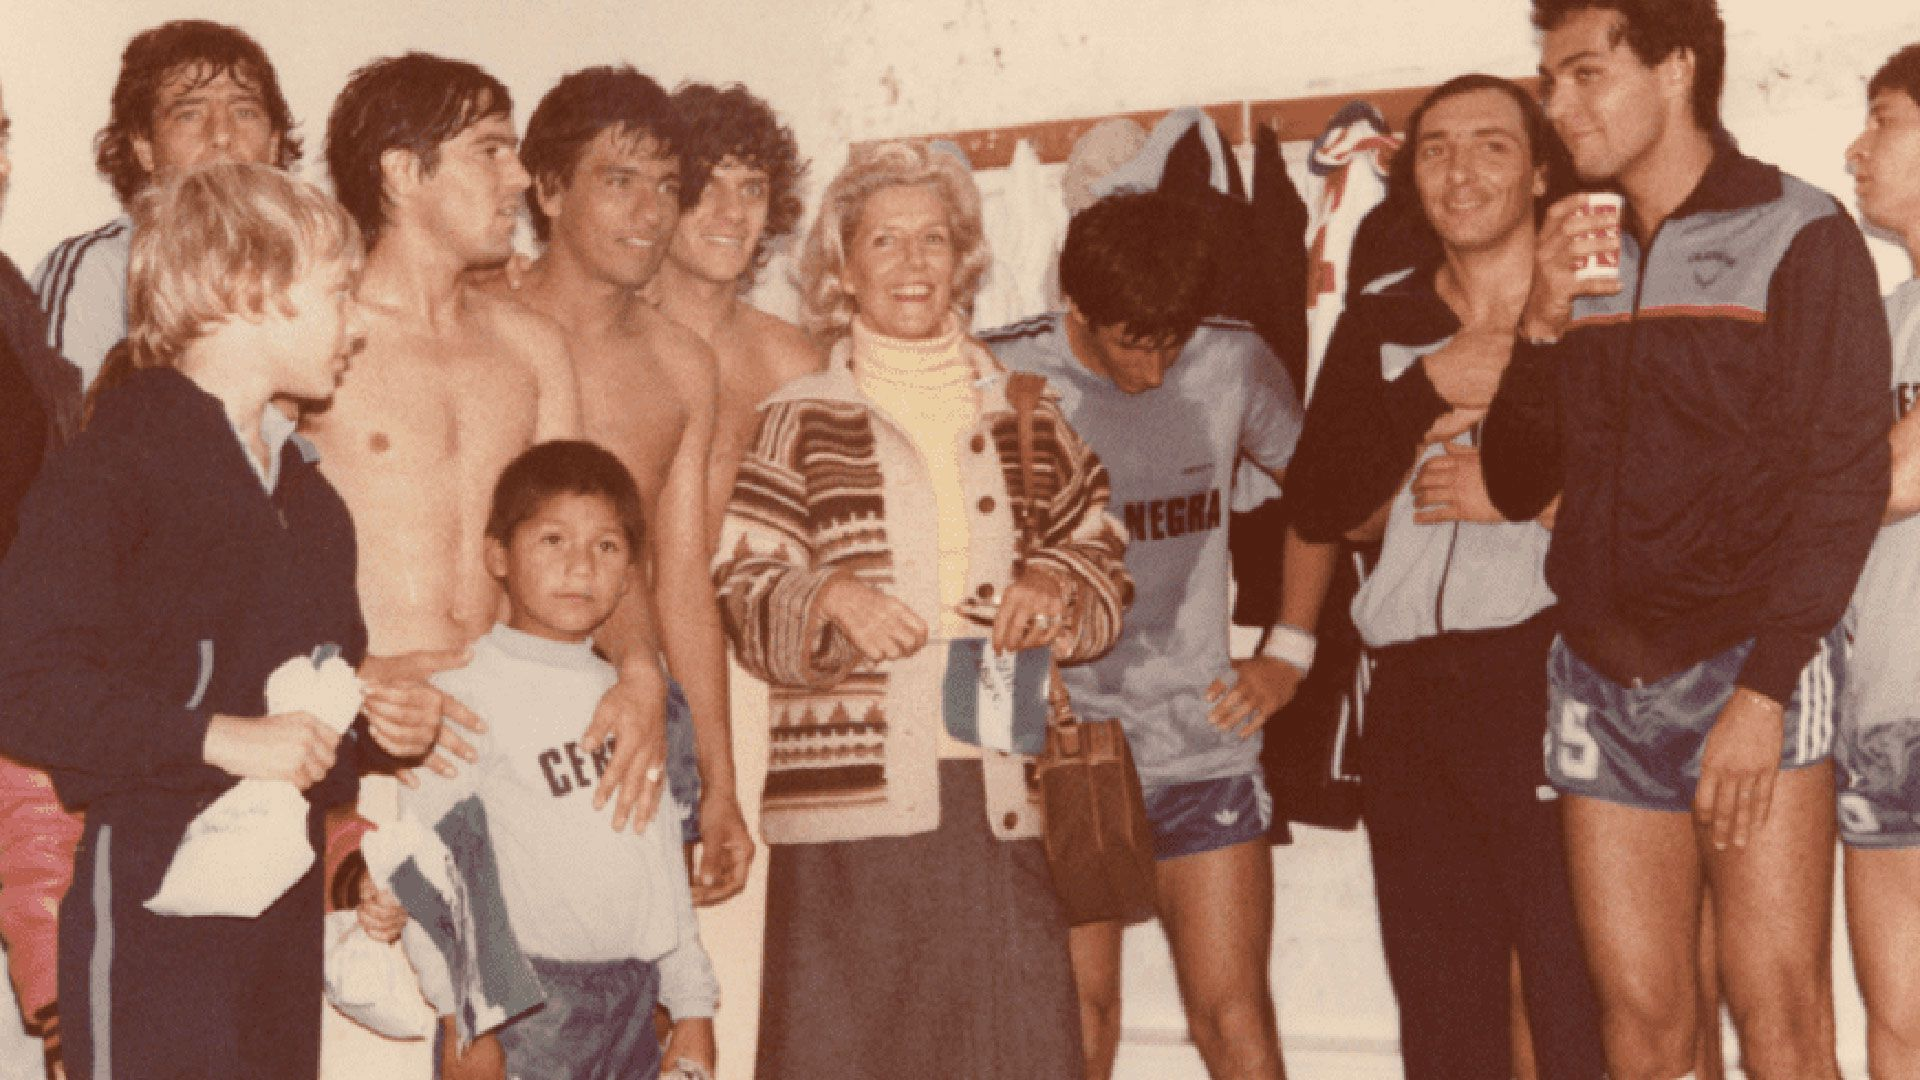 Amalita festeja en el vestuario del Club Loma Negra luego del triunfo ante la URSS. A su izquierda, el capitán Luis Alberto Barbieri y Armando Husillos; a su derecha, Osvaldo Rinaldi (de rulos), Osvaldo Mazo y Jorge Pellegrini. Olavarría, 17 de abril de 1982.